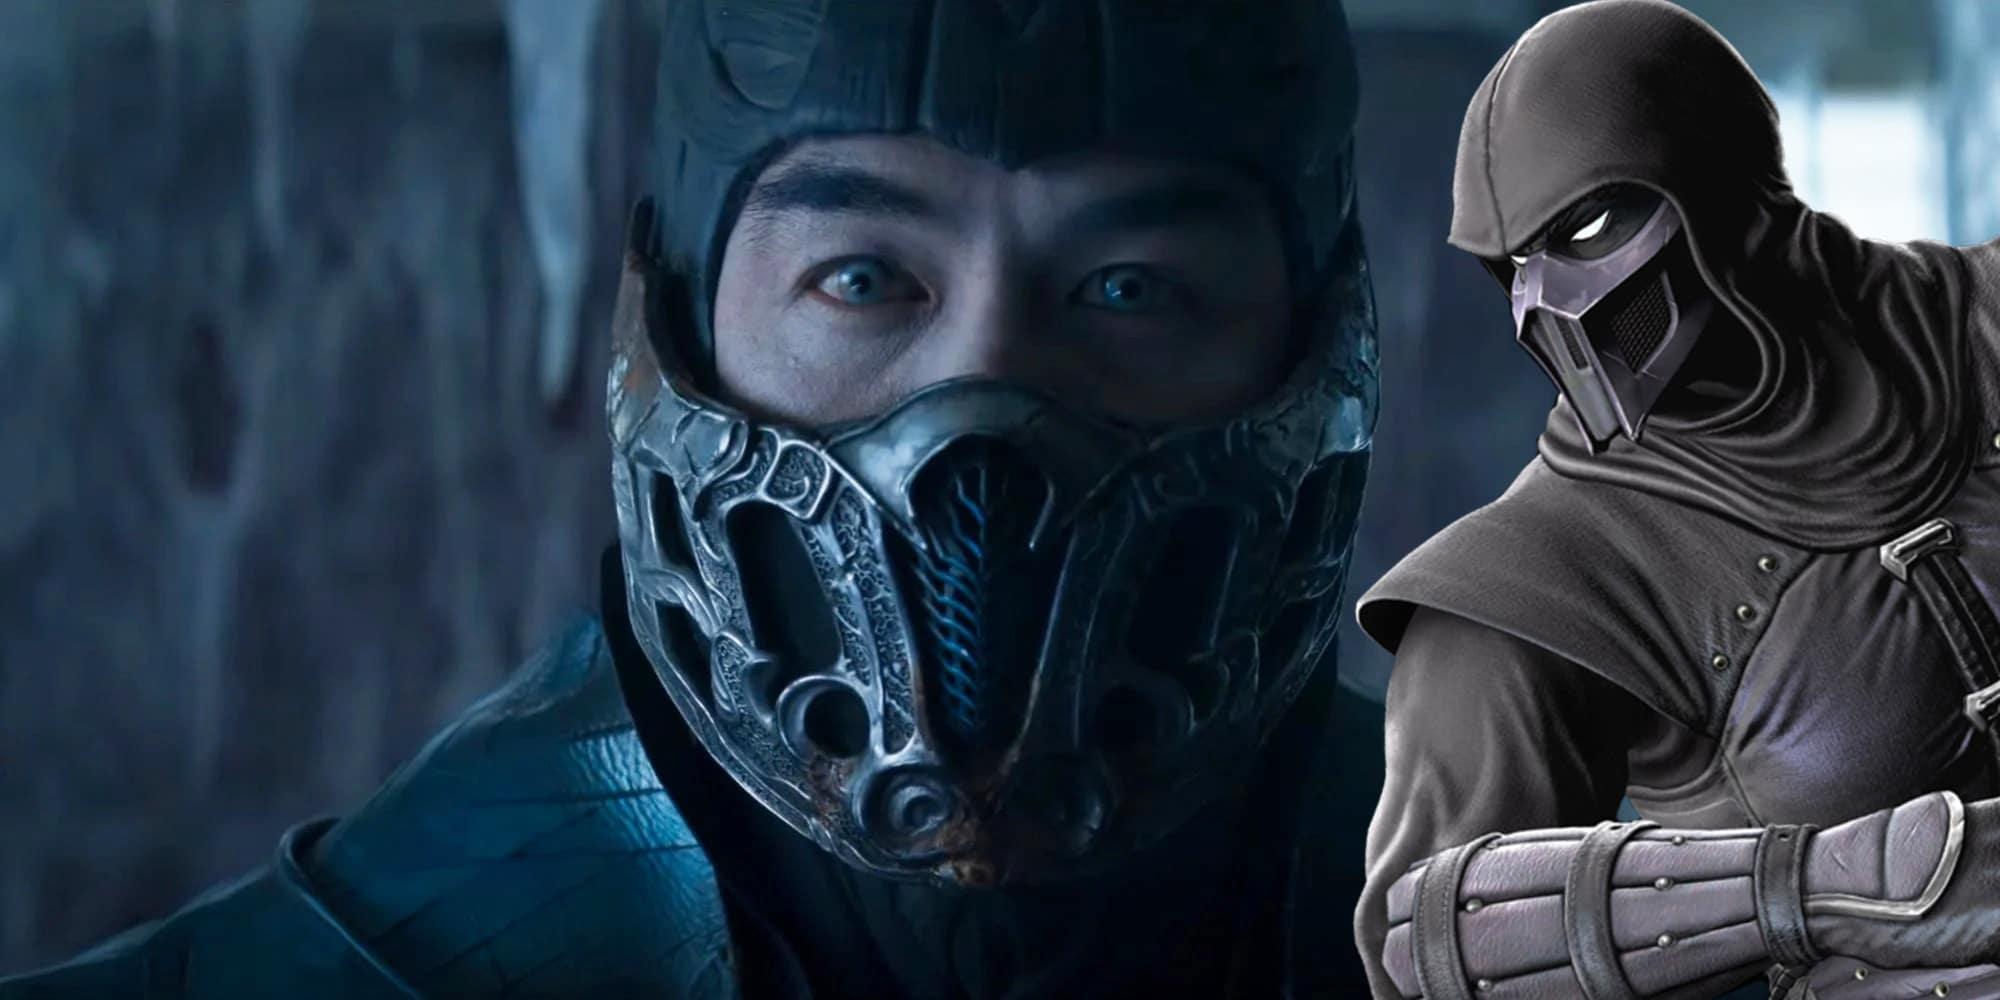 El actor que interpreta a Sub-Zero en la película de Mortal Kombat filtra la aparición de Noob Saibot , GamersRD